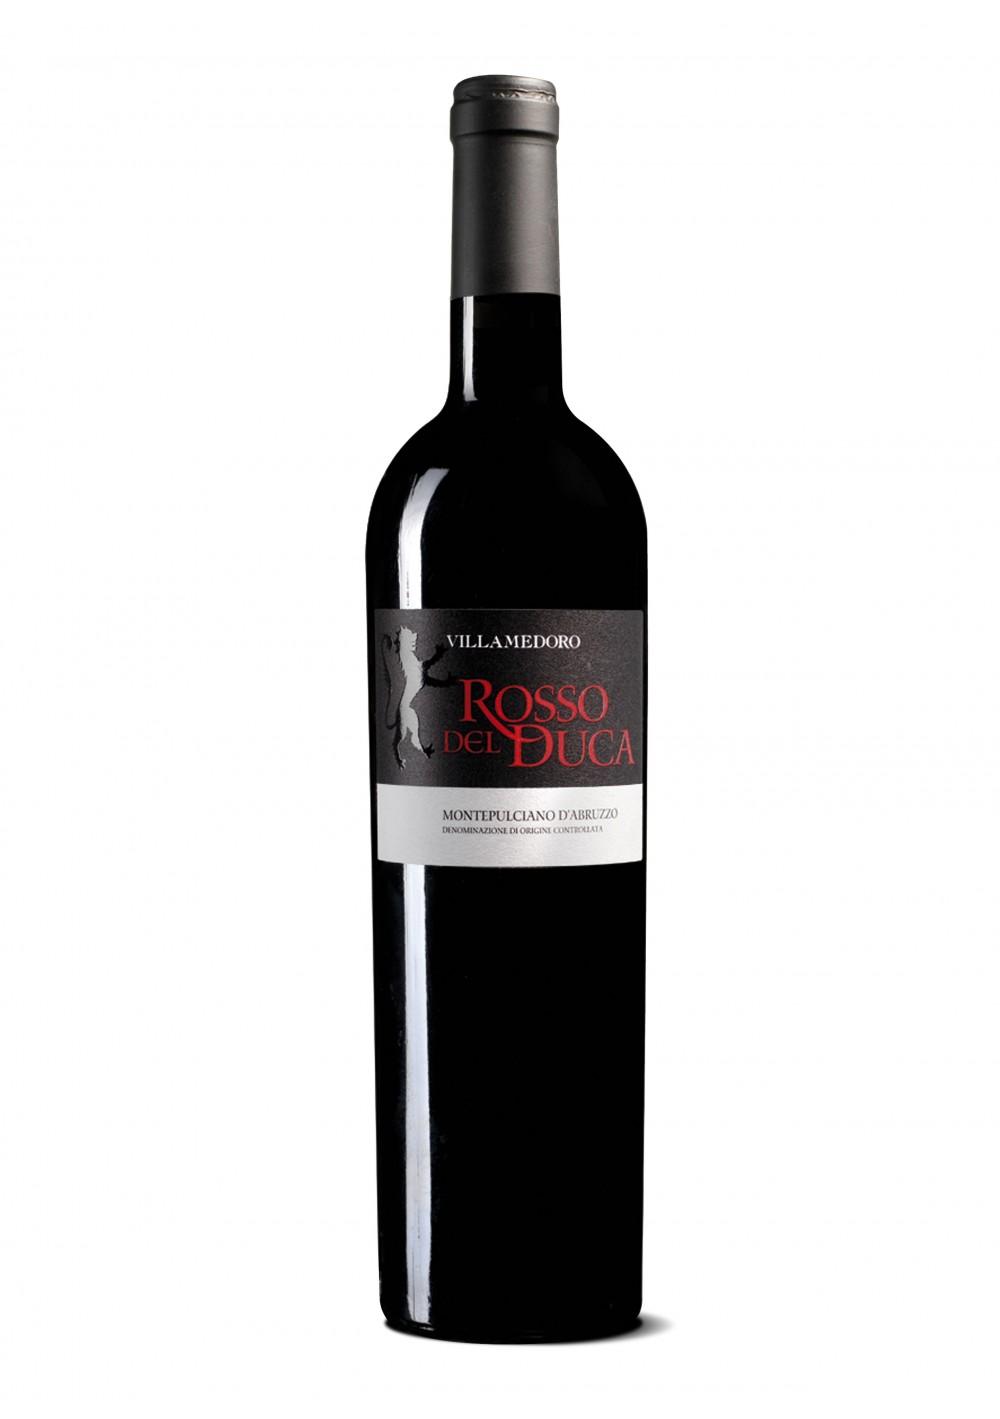 Rosso del Duca, Montepulciano d'Abruzzo DOC 2012 - Villa Medoro